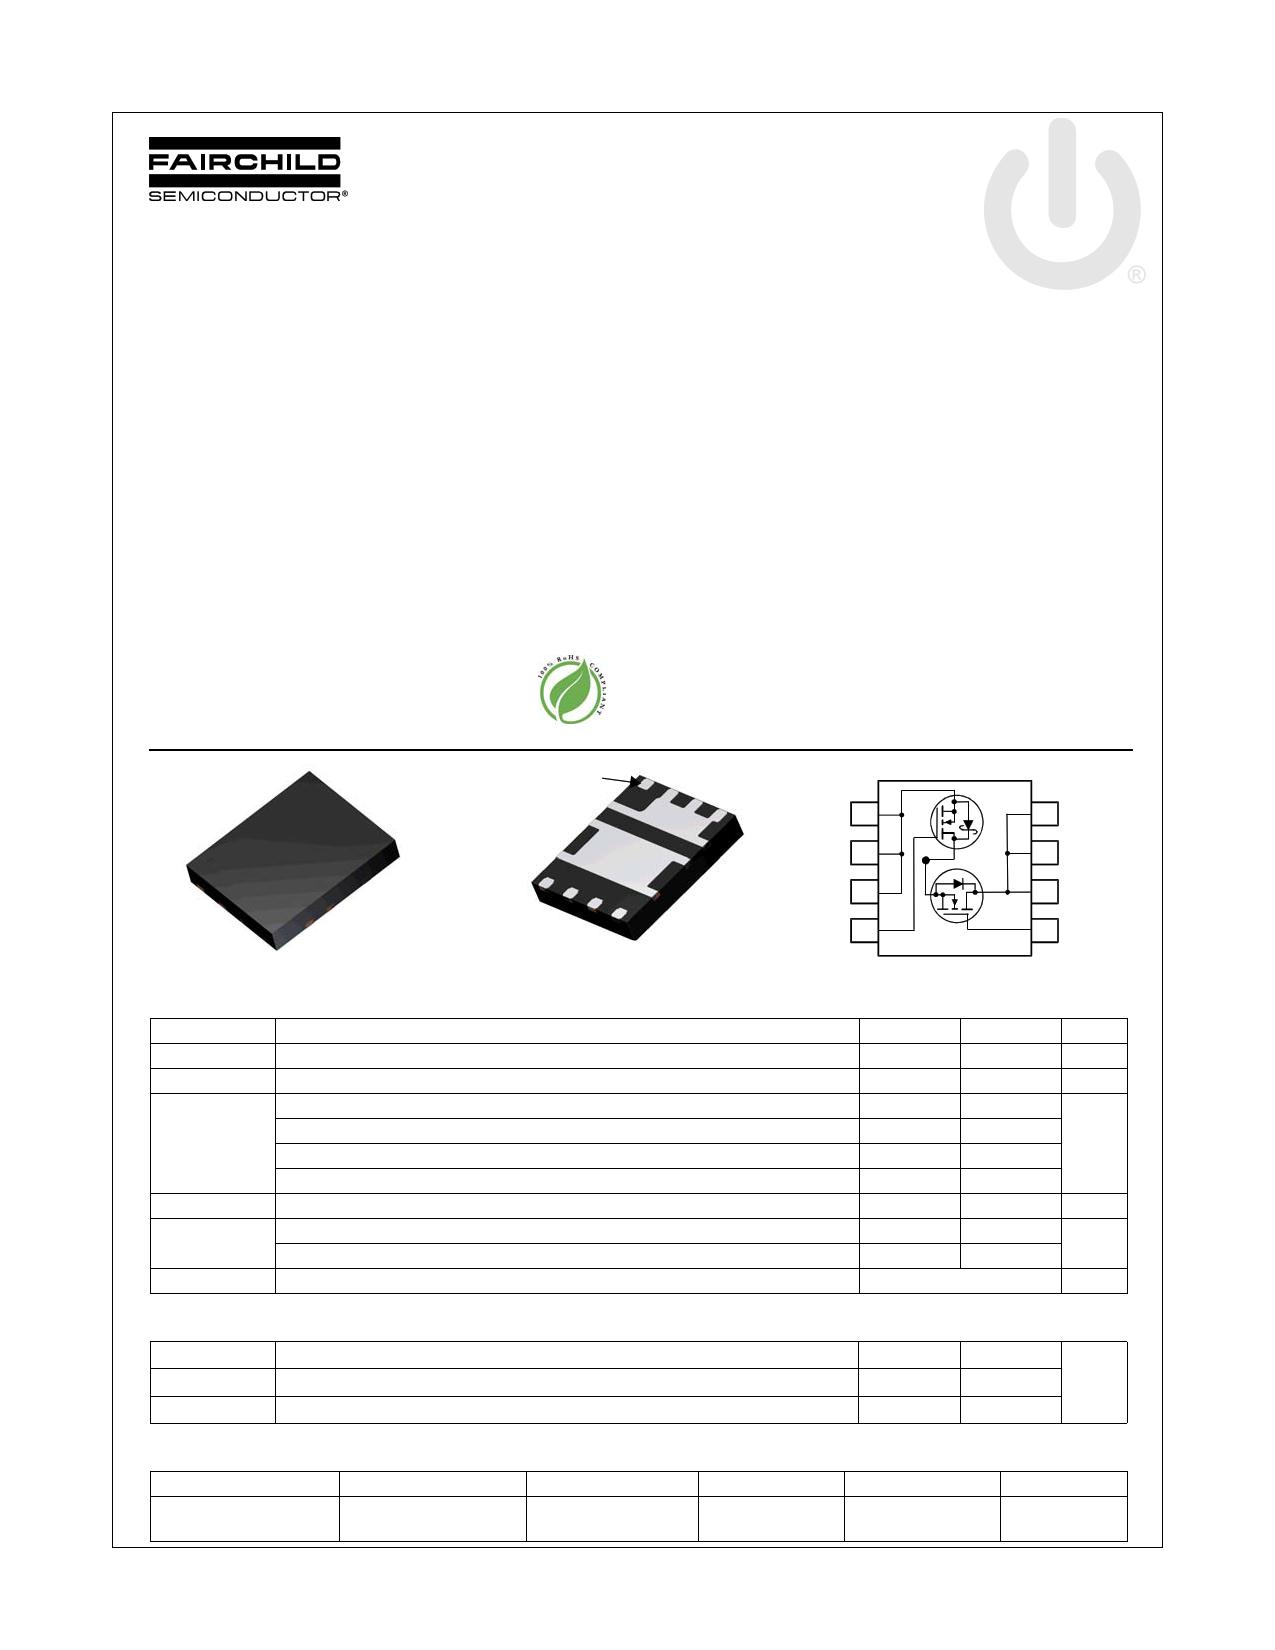 FDMS3600S 데이터시트 및 FDMS3600S PDF